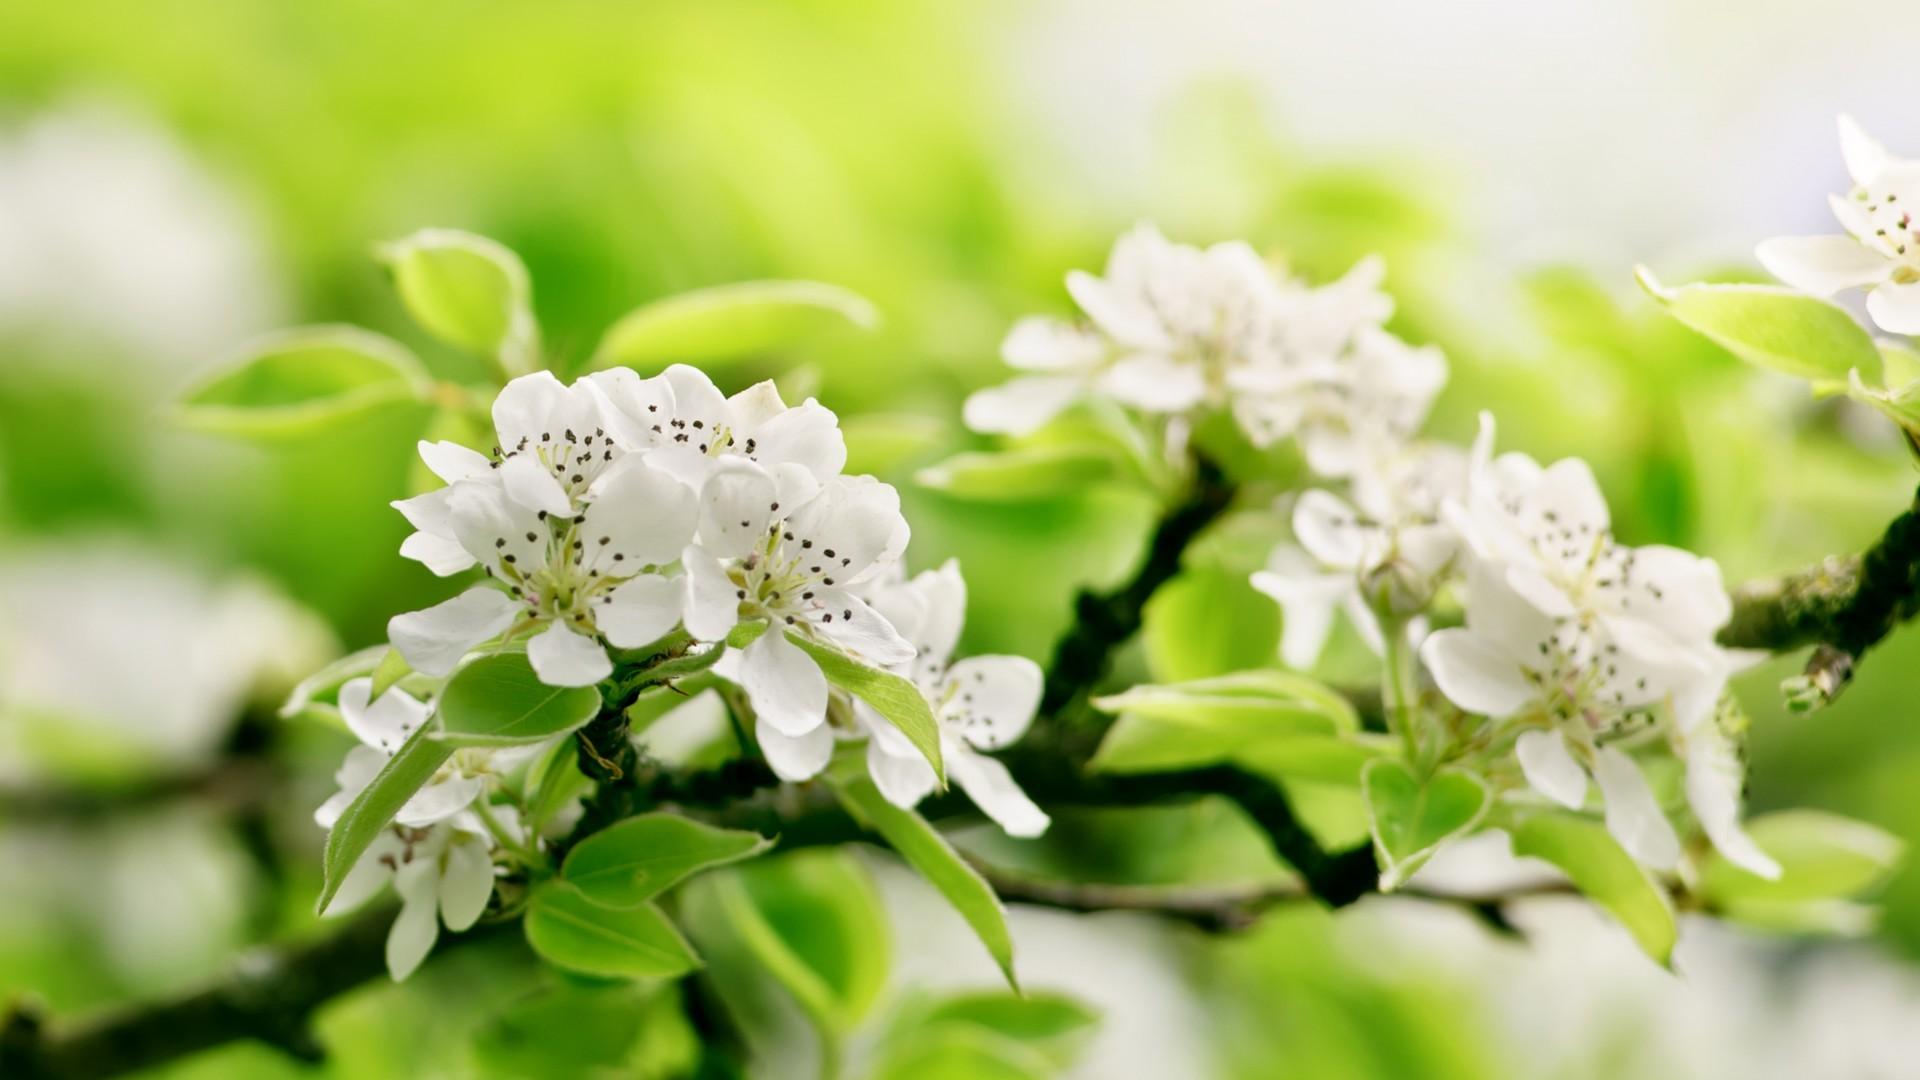 обои для рабочего стола цветущие яблони № 239668 бесплатно